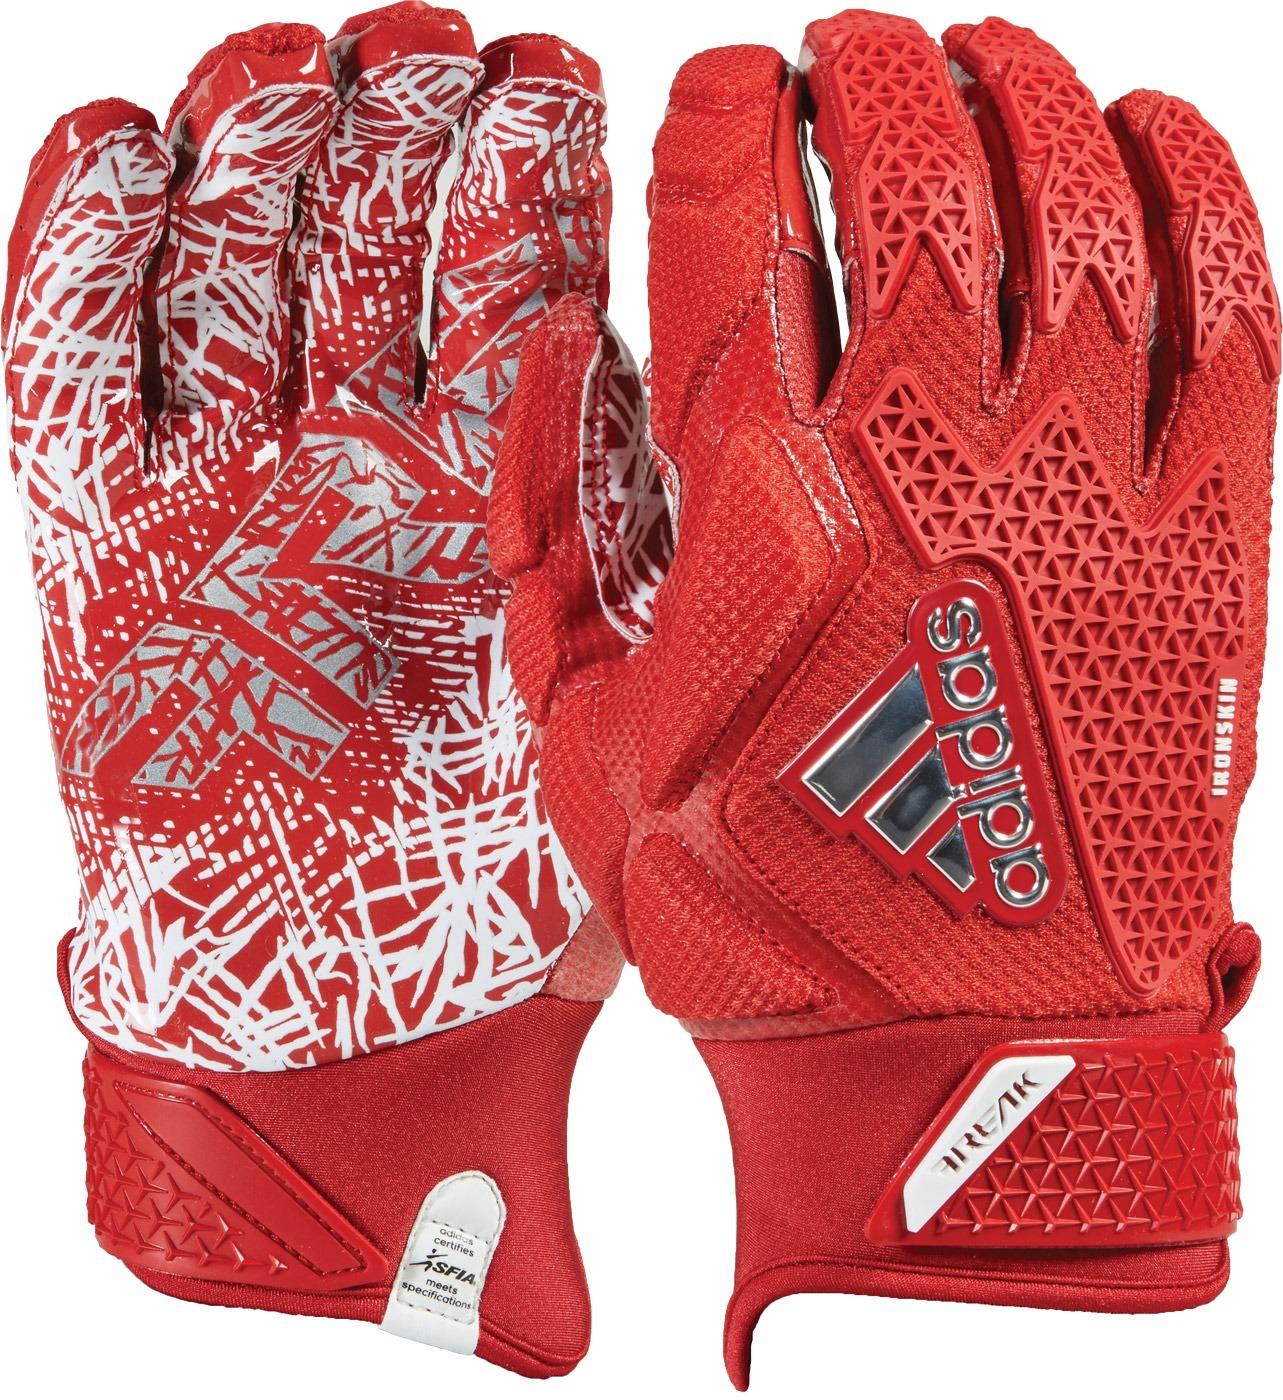 2fc5c4fcaa1 Adidas Freak 3.0 (AF0802) - American Football Equipment